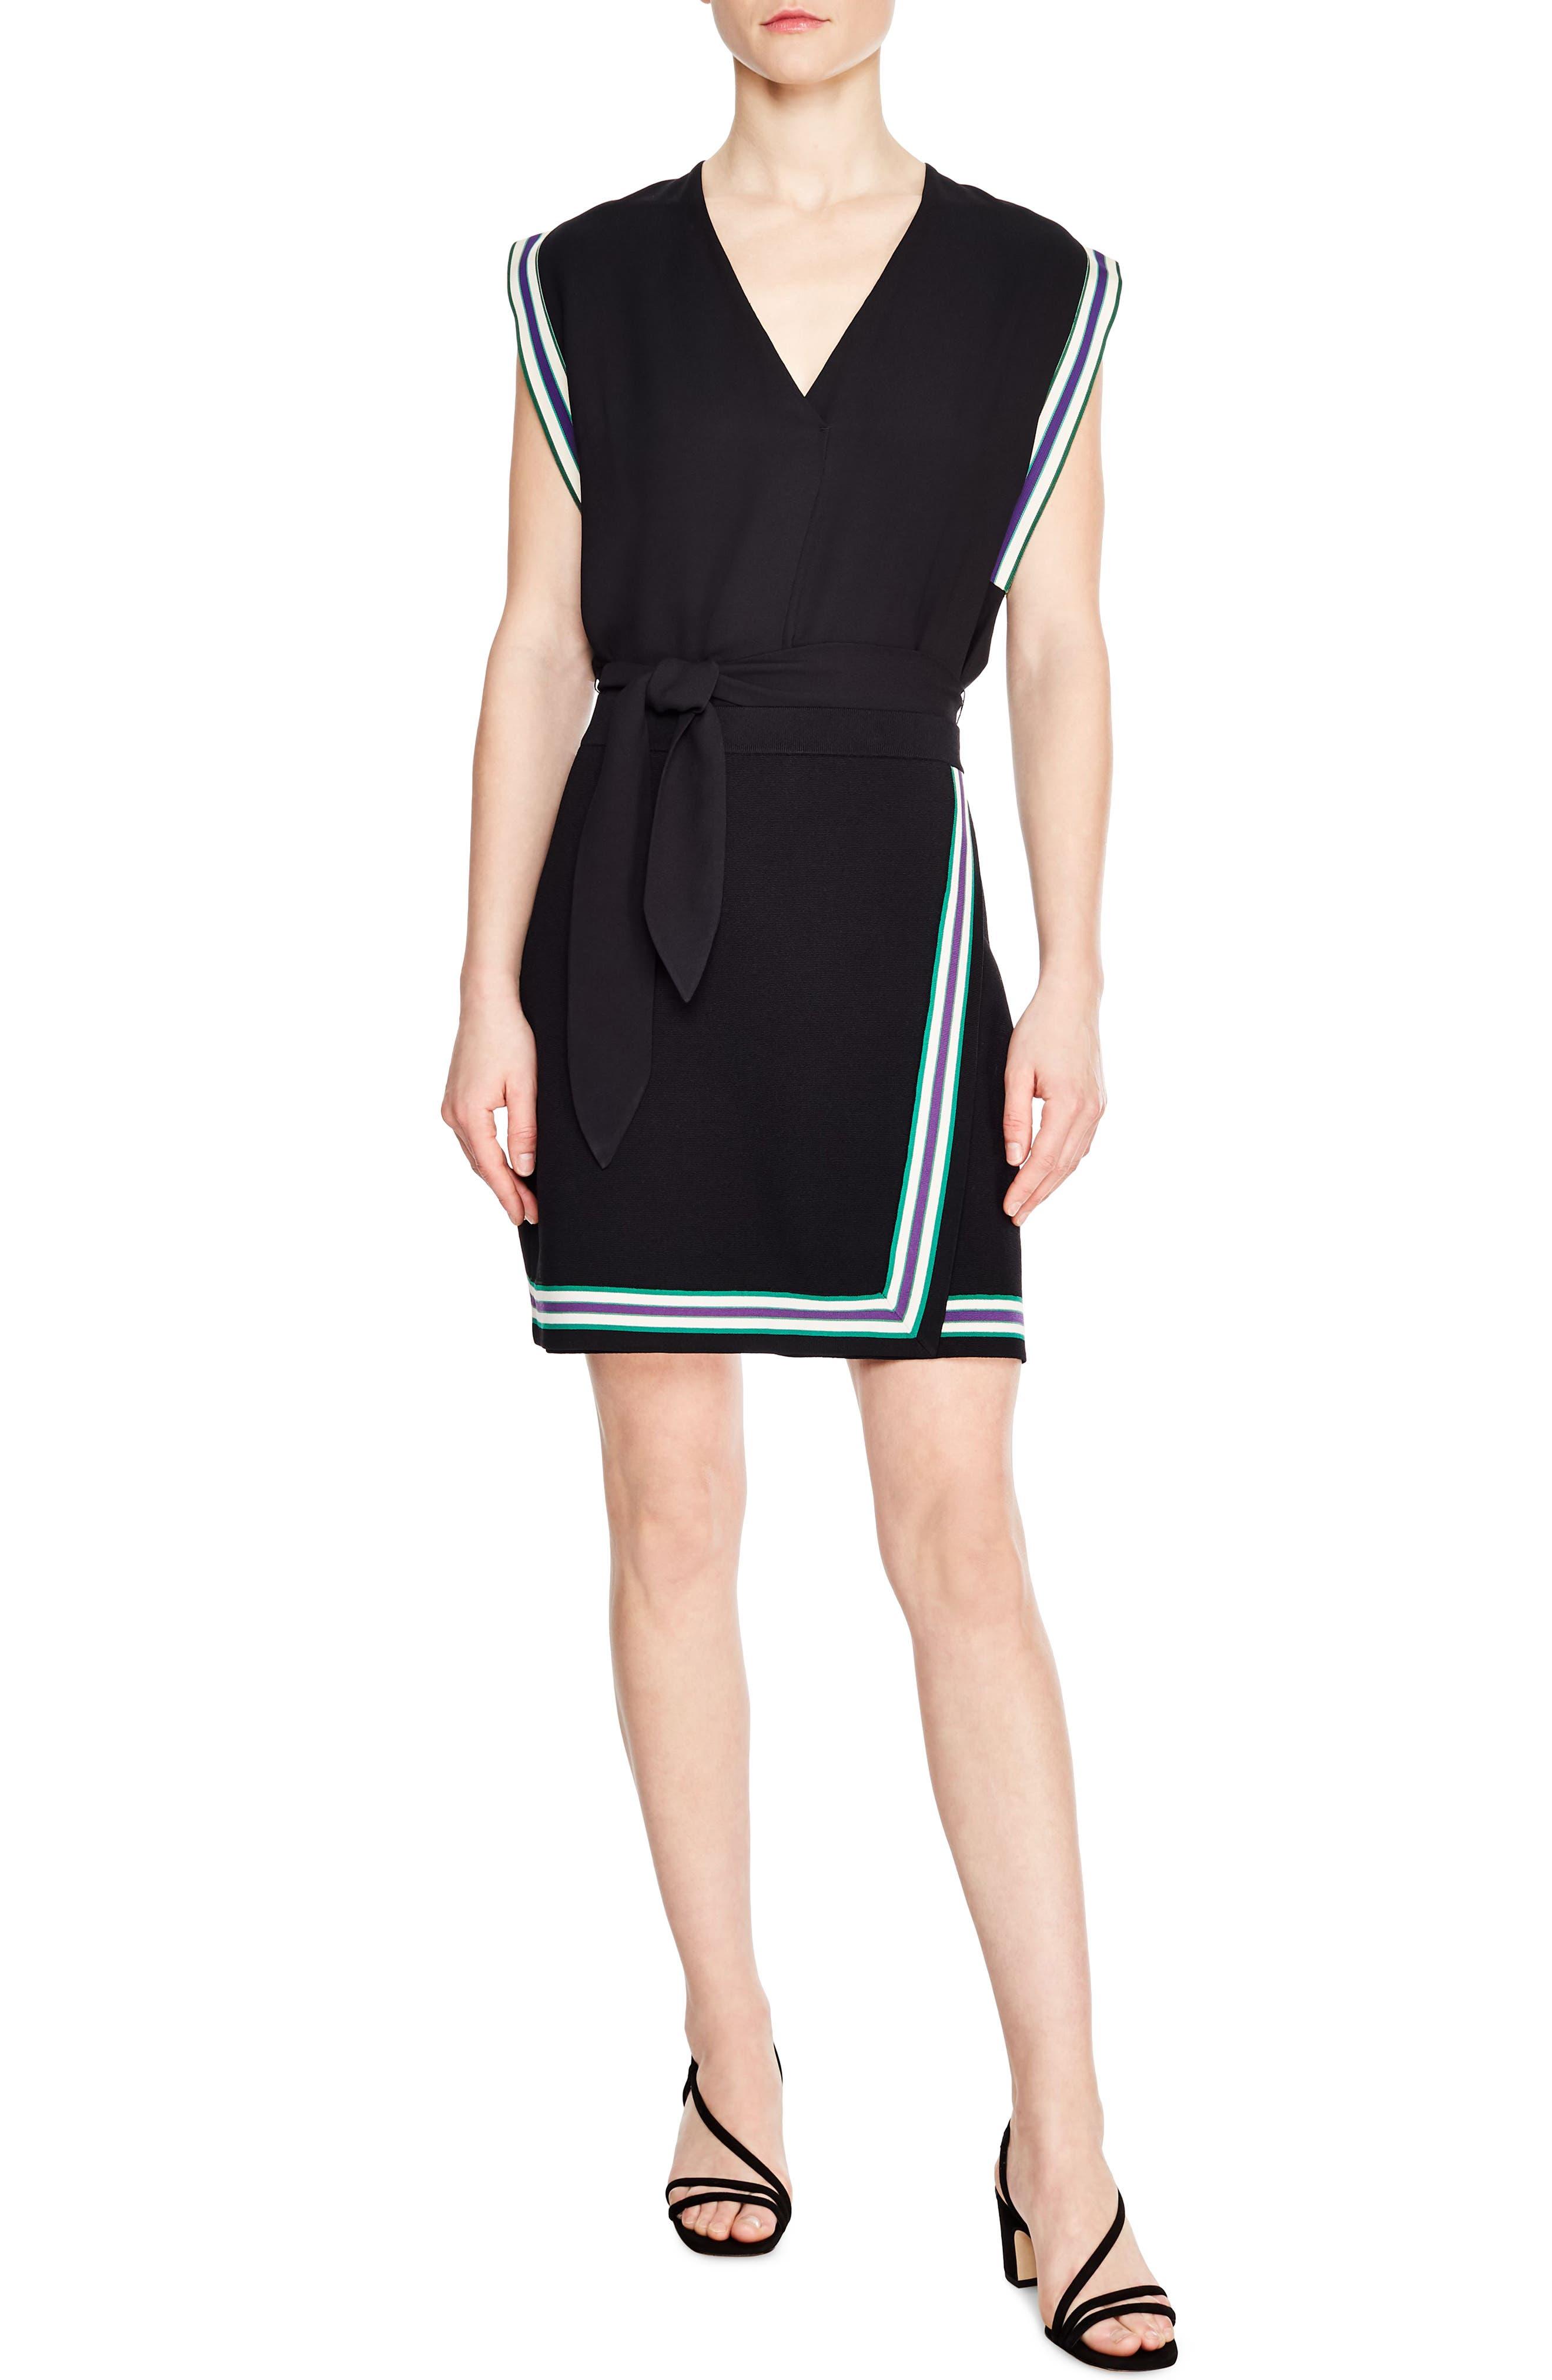 Elodie Stripe V-Neck Minidress in Black